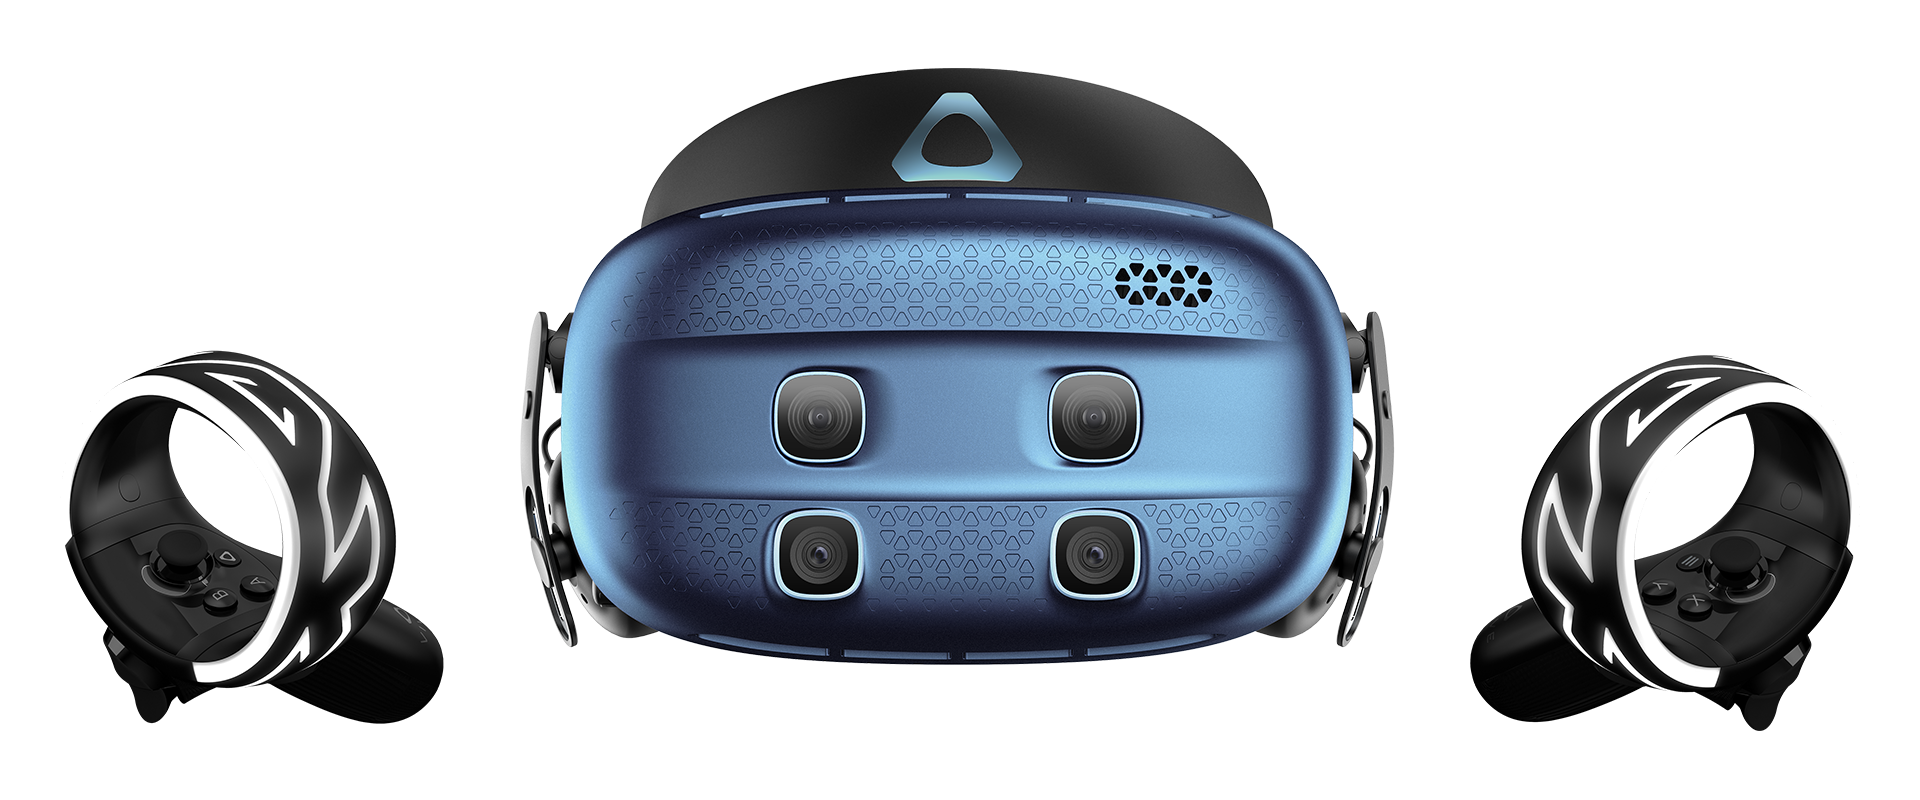 Rodzina gogli VR HTC Vive Cosmos powiększa się. Będzie taniej, ale też drożej 28